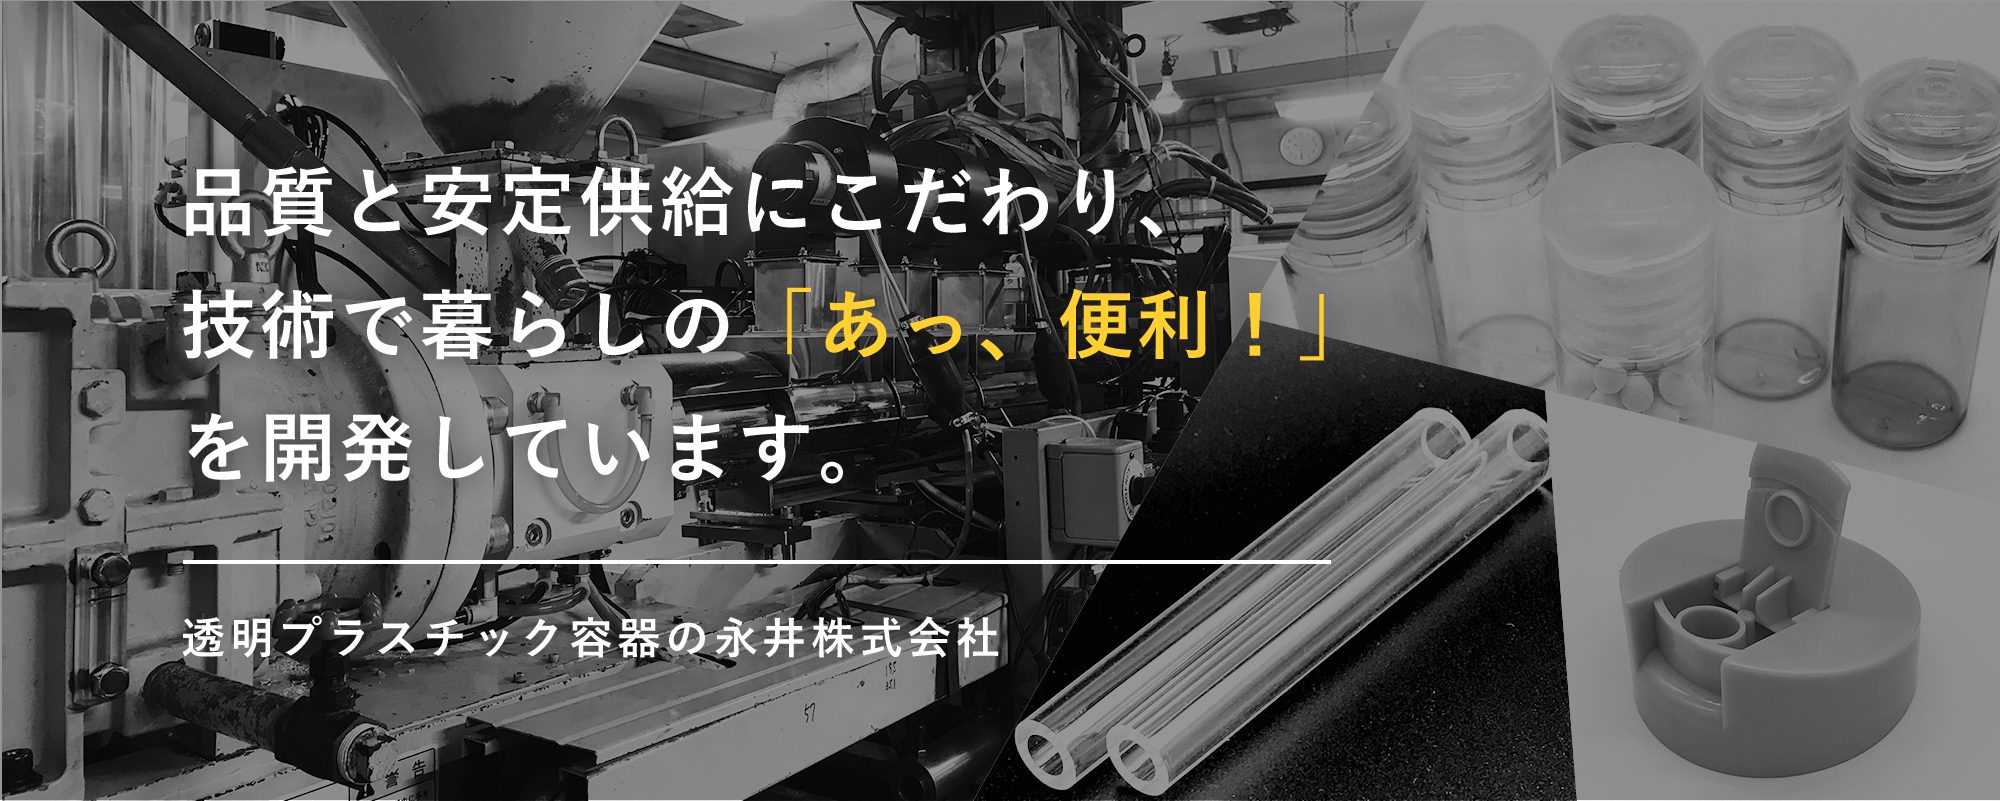 透明プラスチック容器のことなら品質と安定供給こだわりの永井株式会社へ